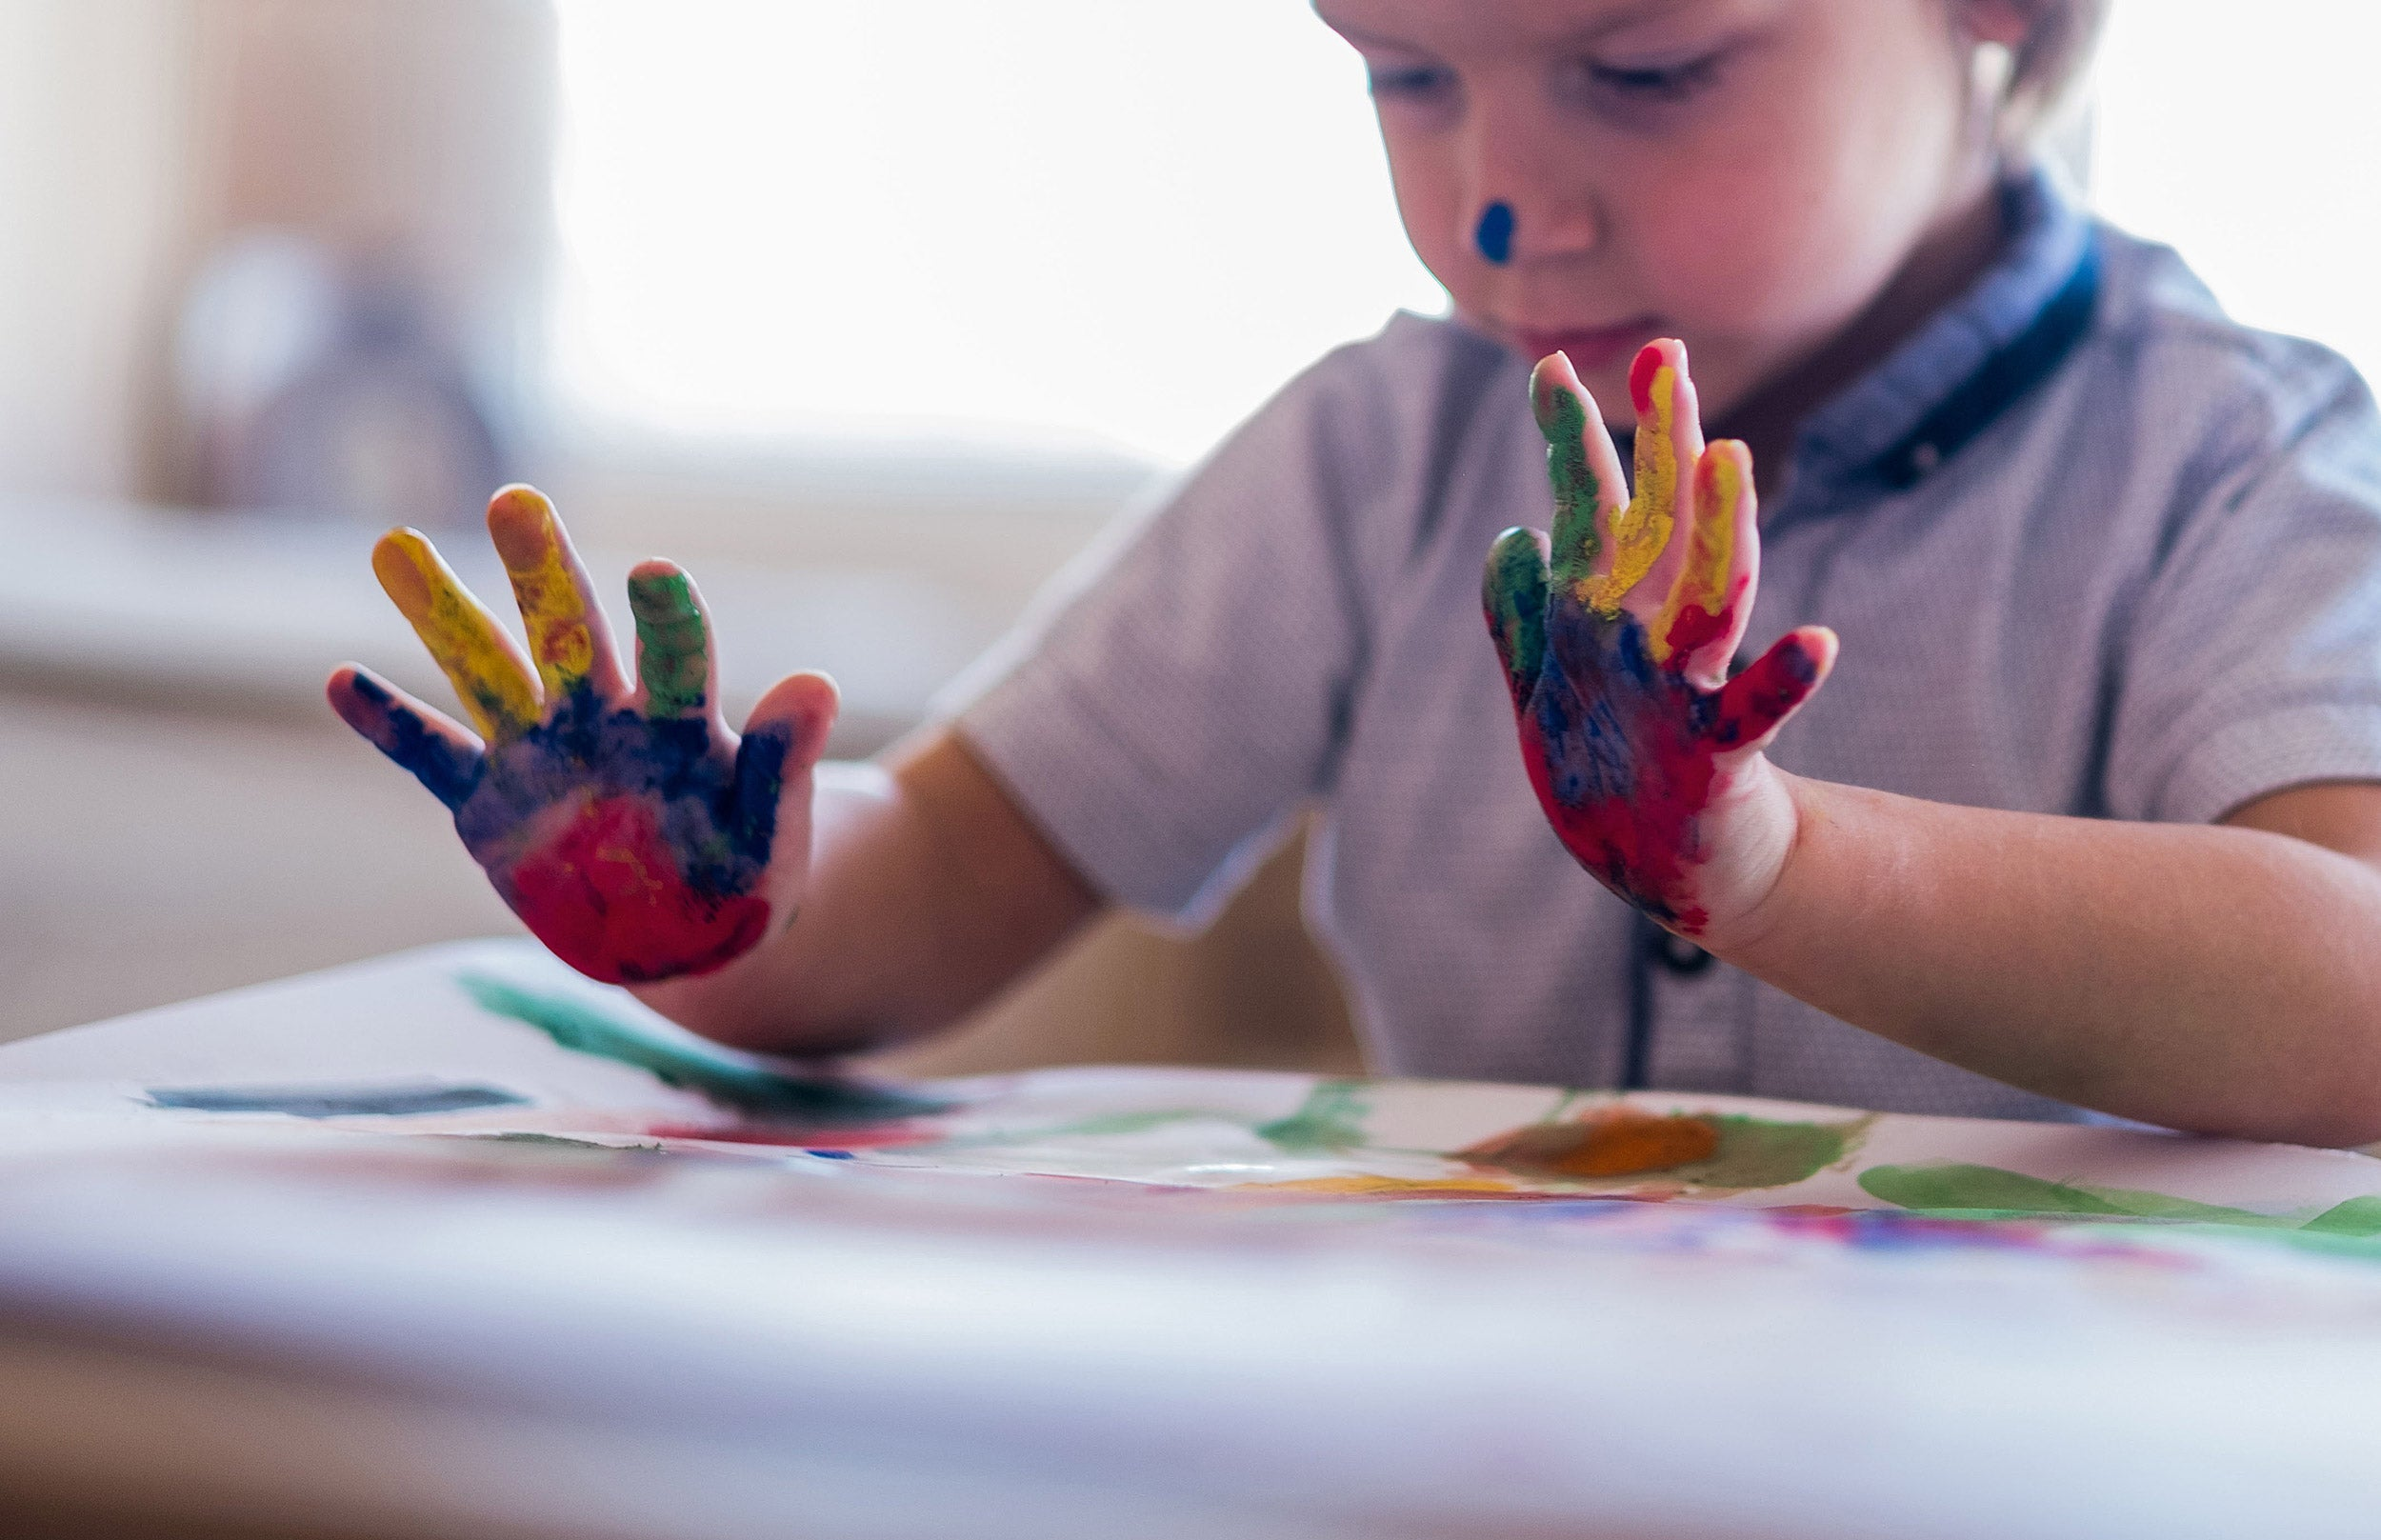 Little boy is doing handprint